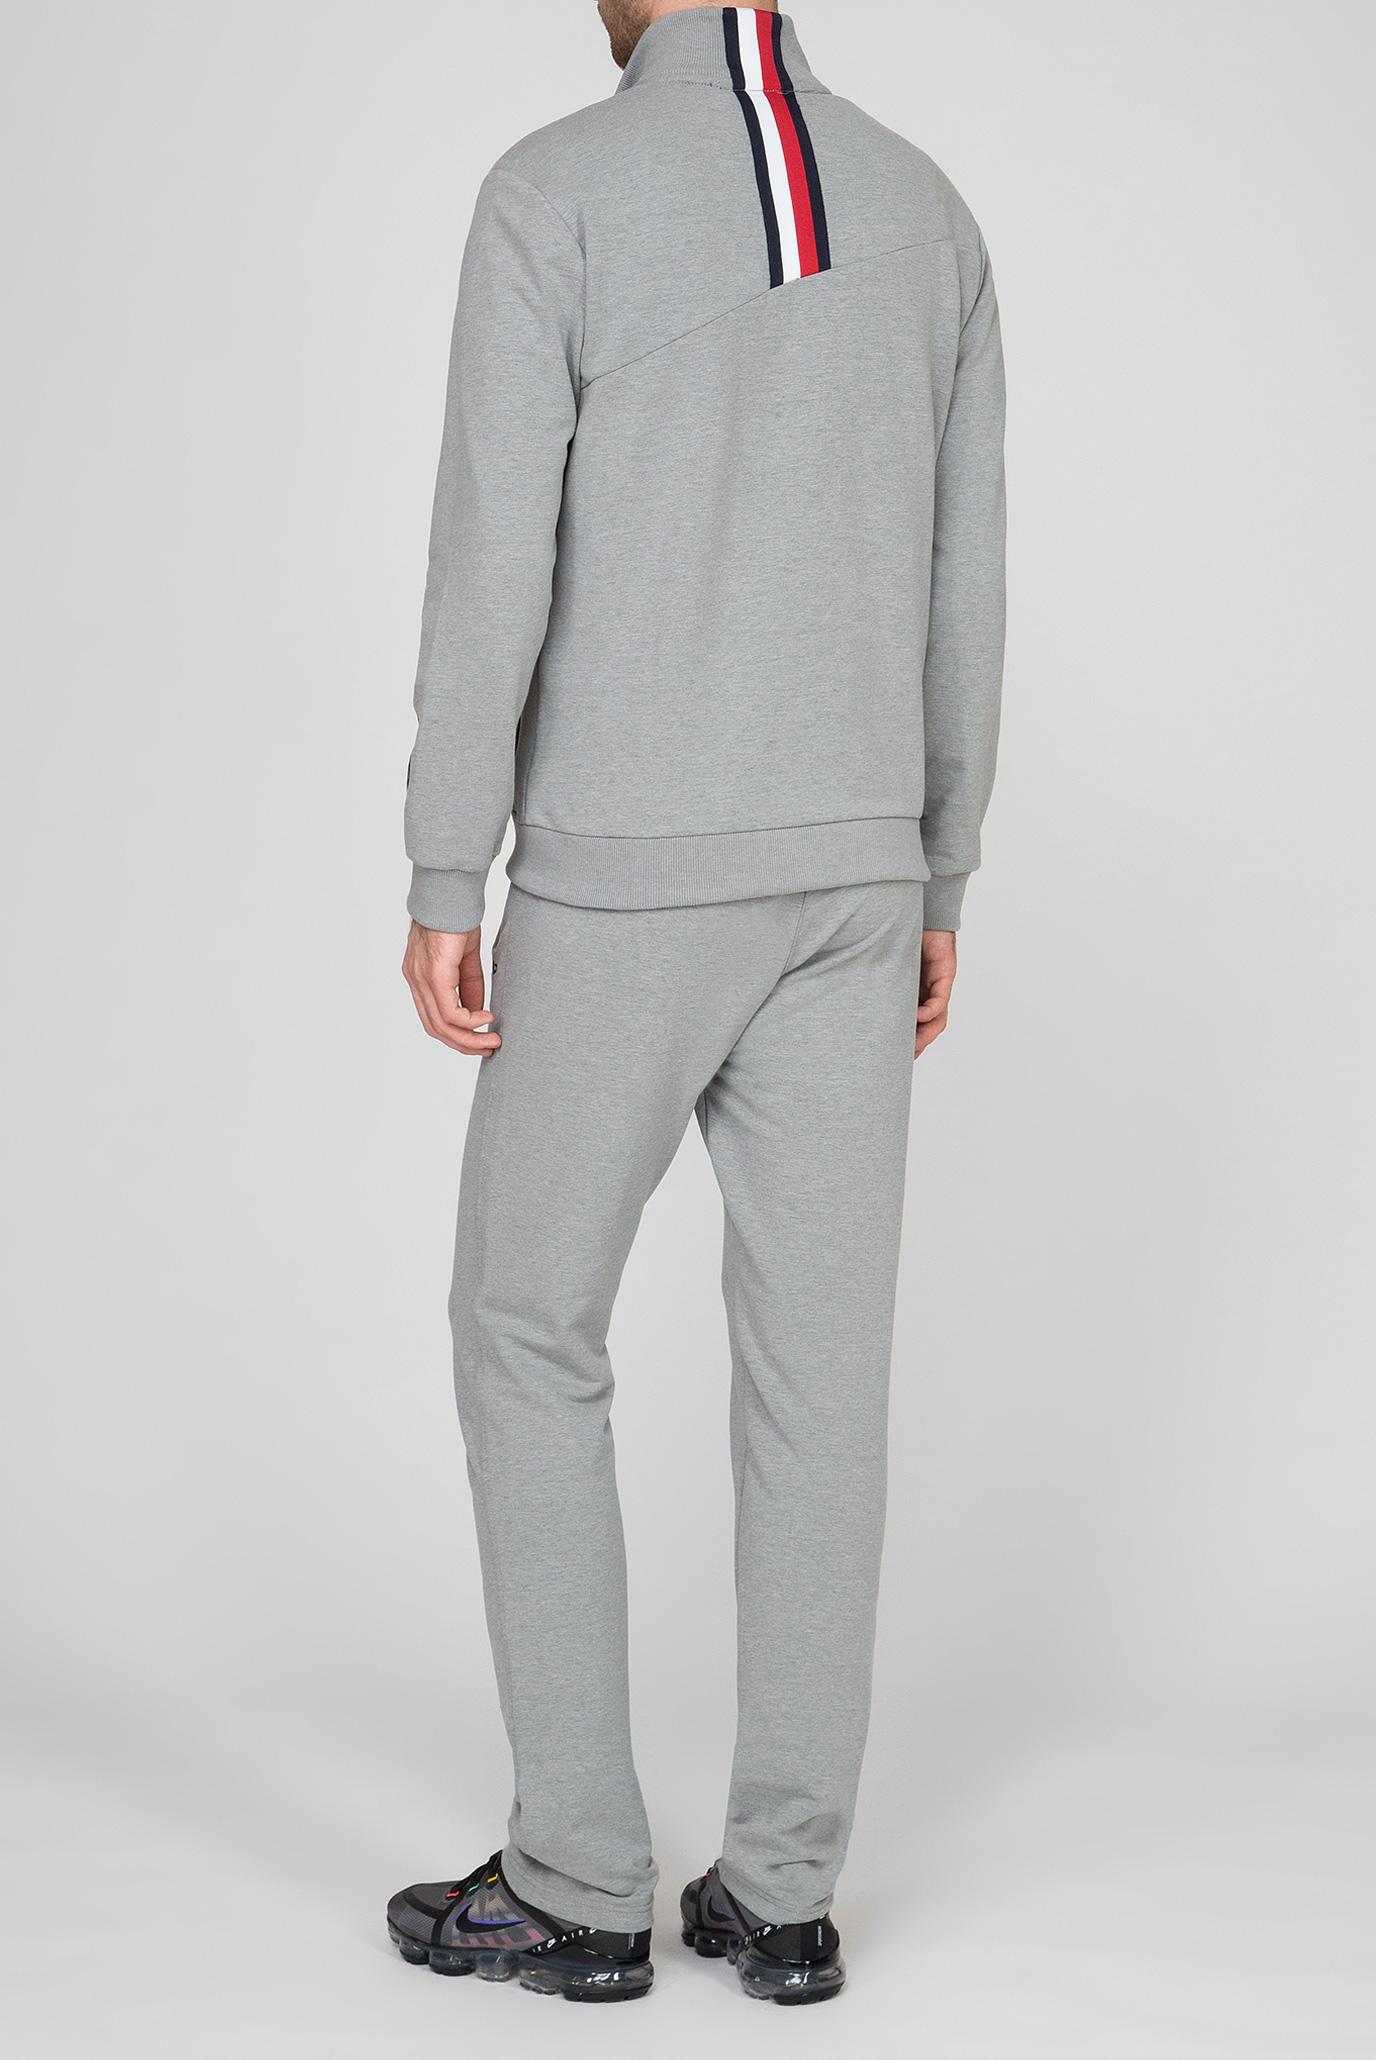 Мужской серый спортивный костюм (кофта, брюки) CMP